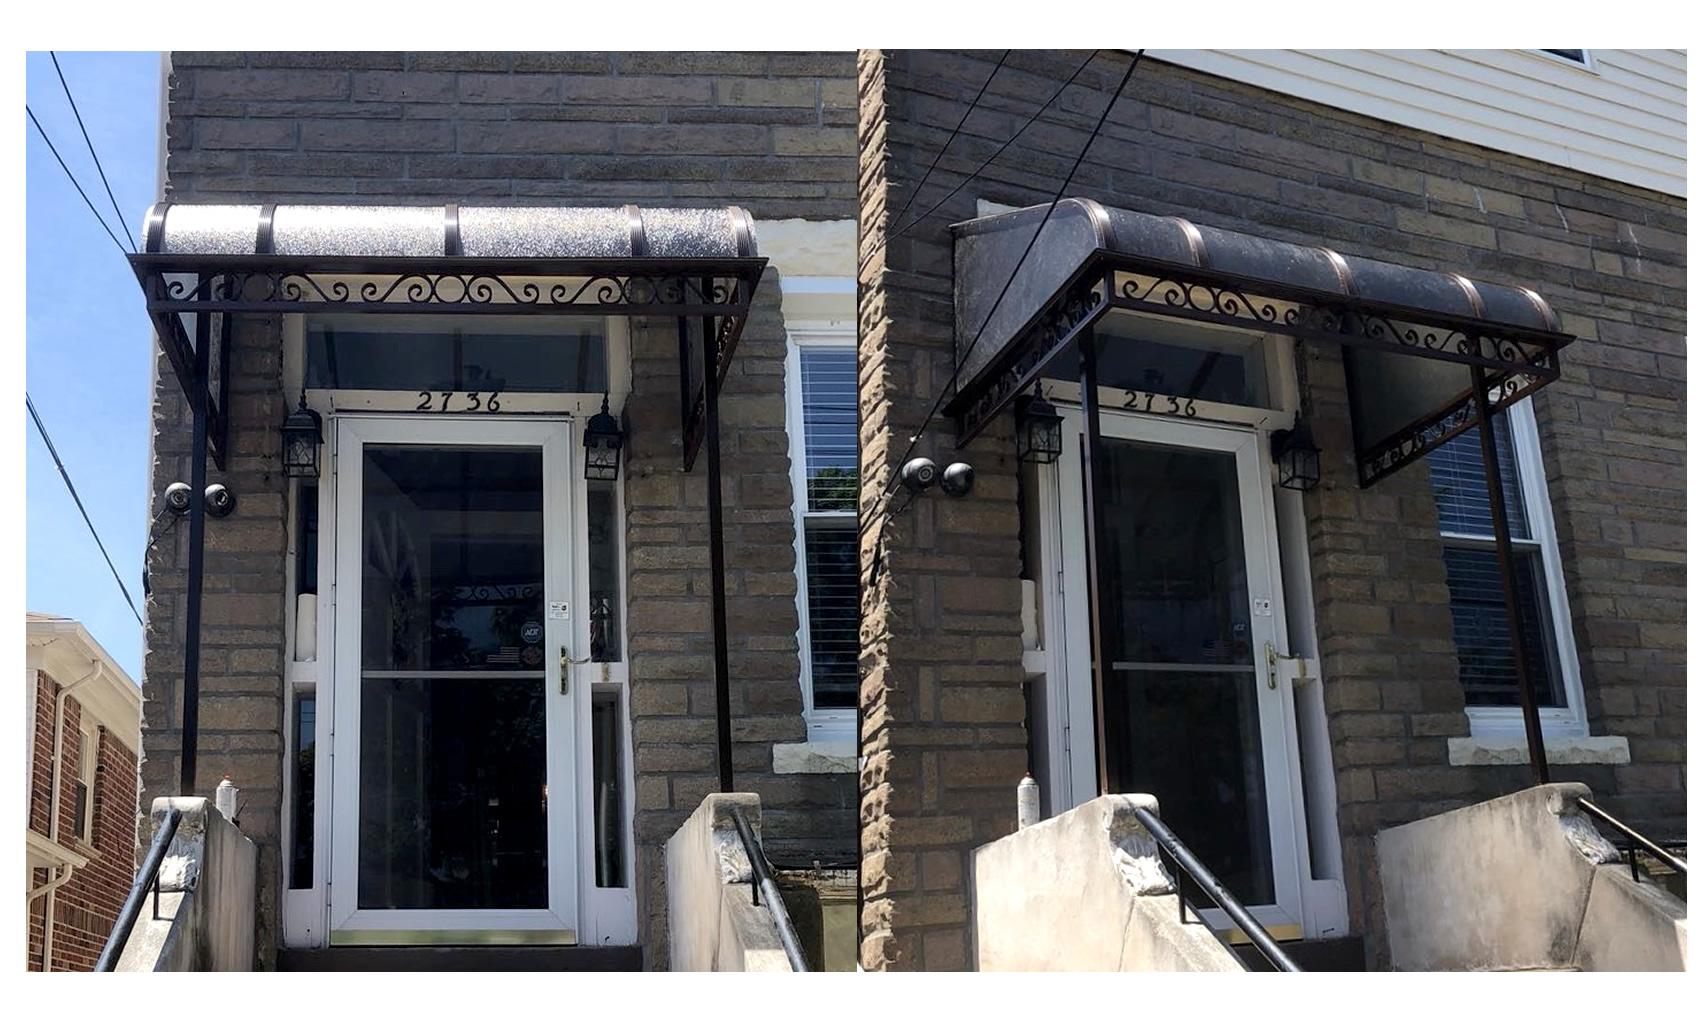 Fiberama - Windows, Doors, Awnings, Patios, in New York ...